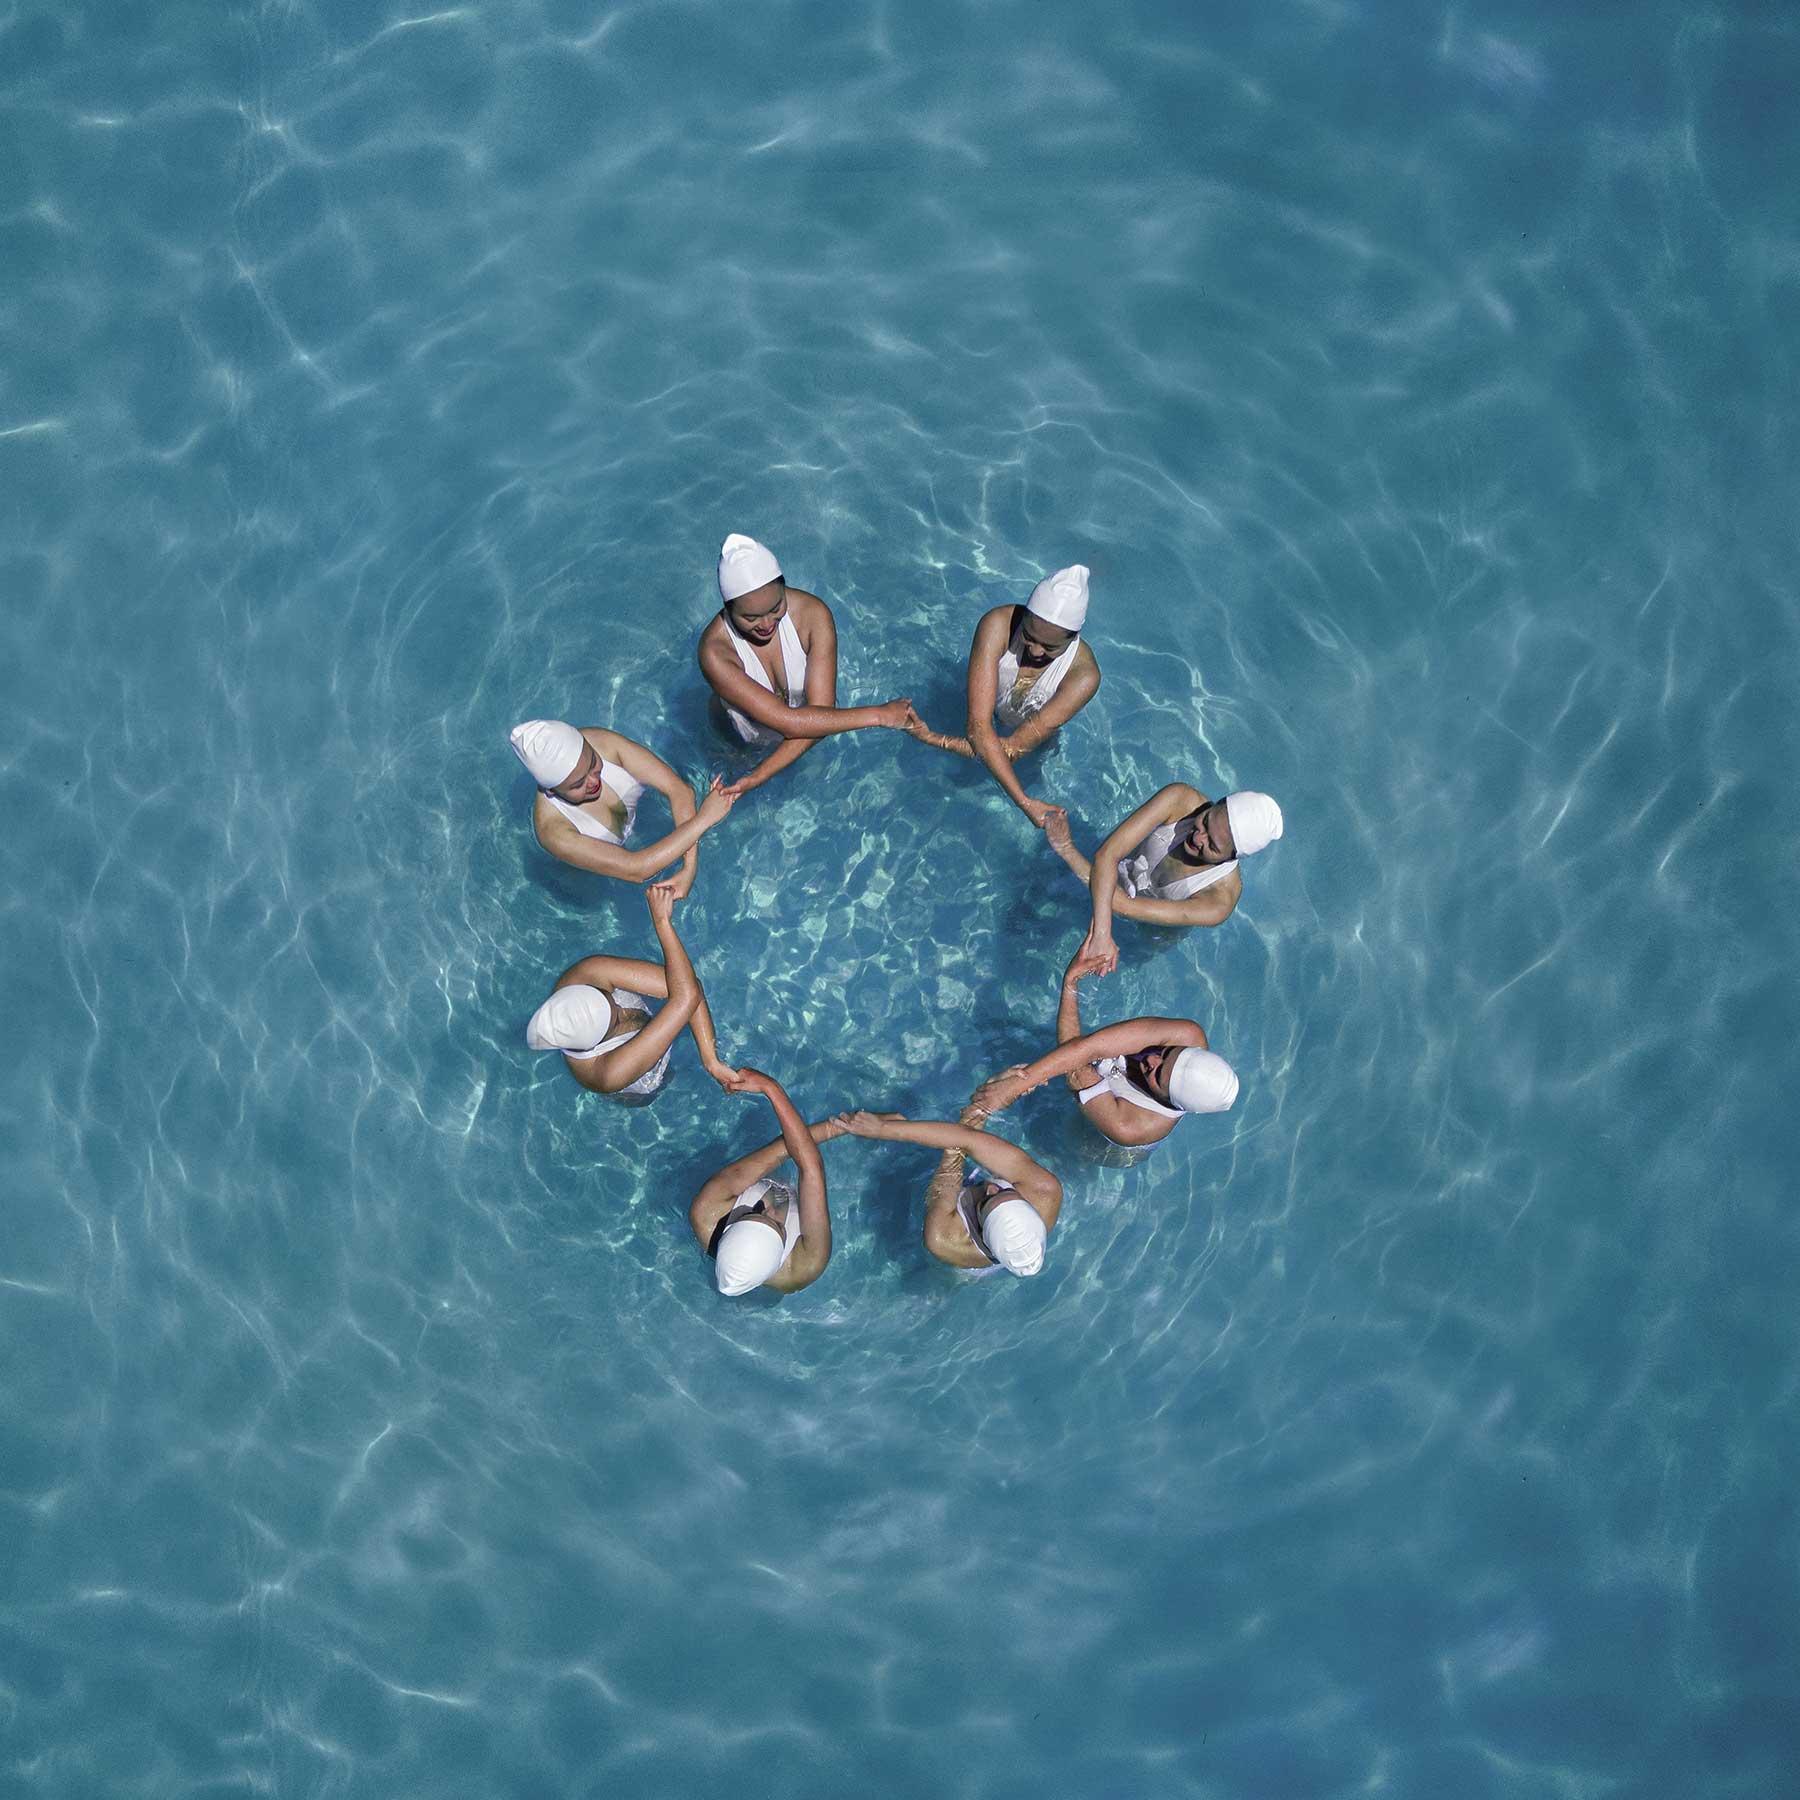 Synchronschwimmen-Luftaufnahmen von Brad Walls Water-Geomaids-Brad-Walls_06